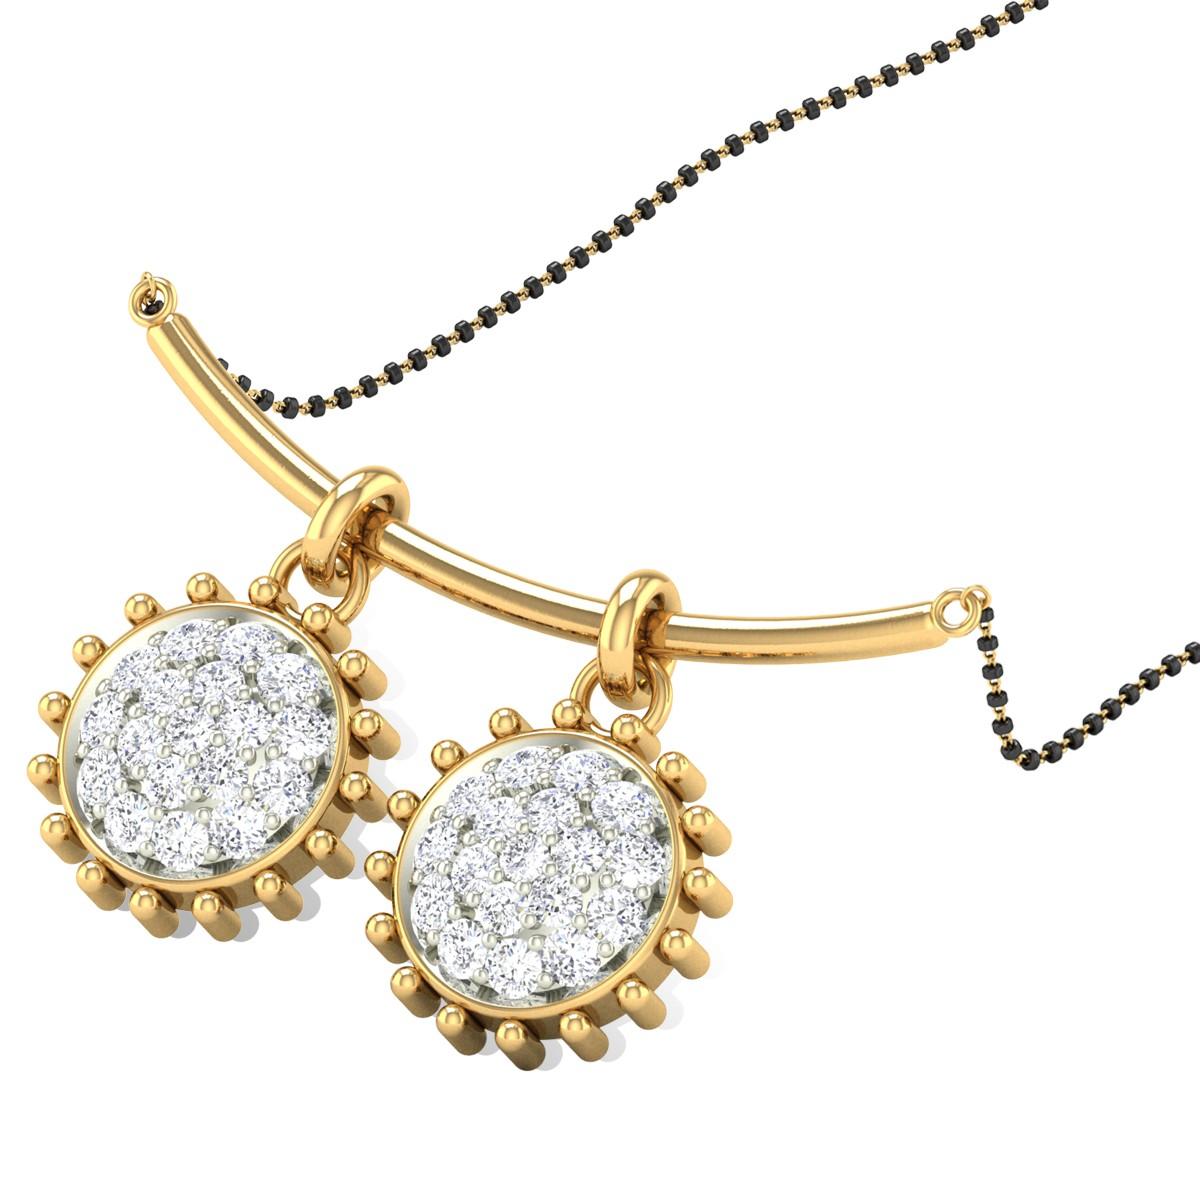 Shasta Diamond Mangalsutra